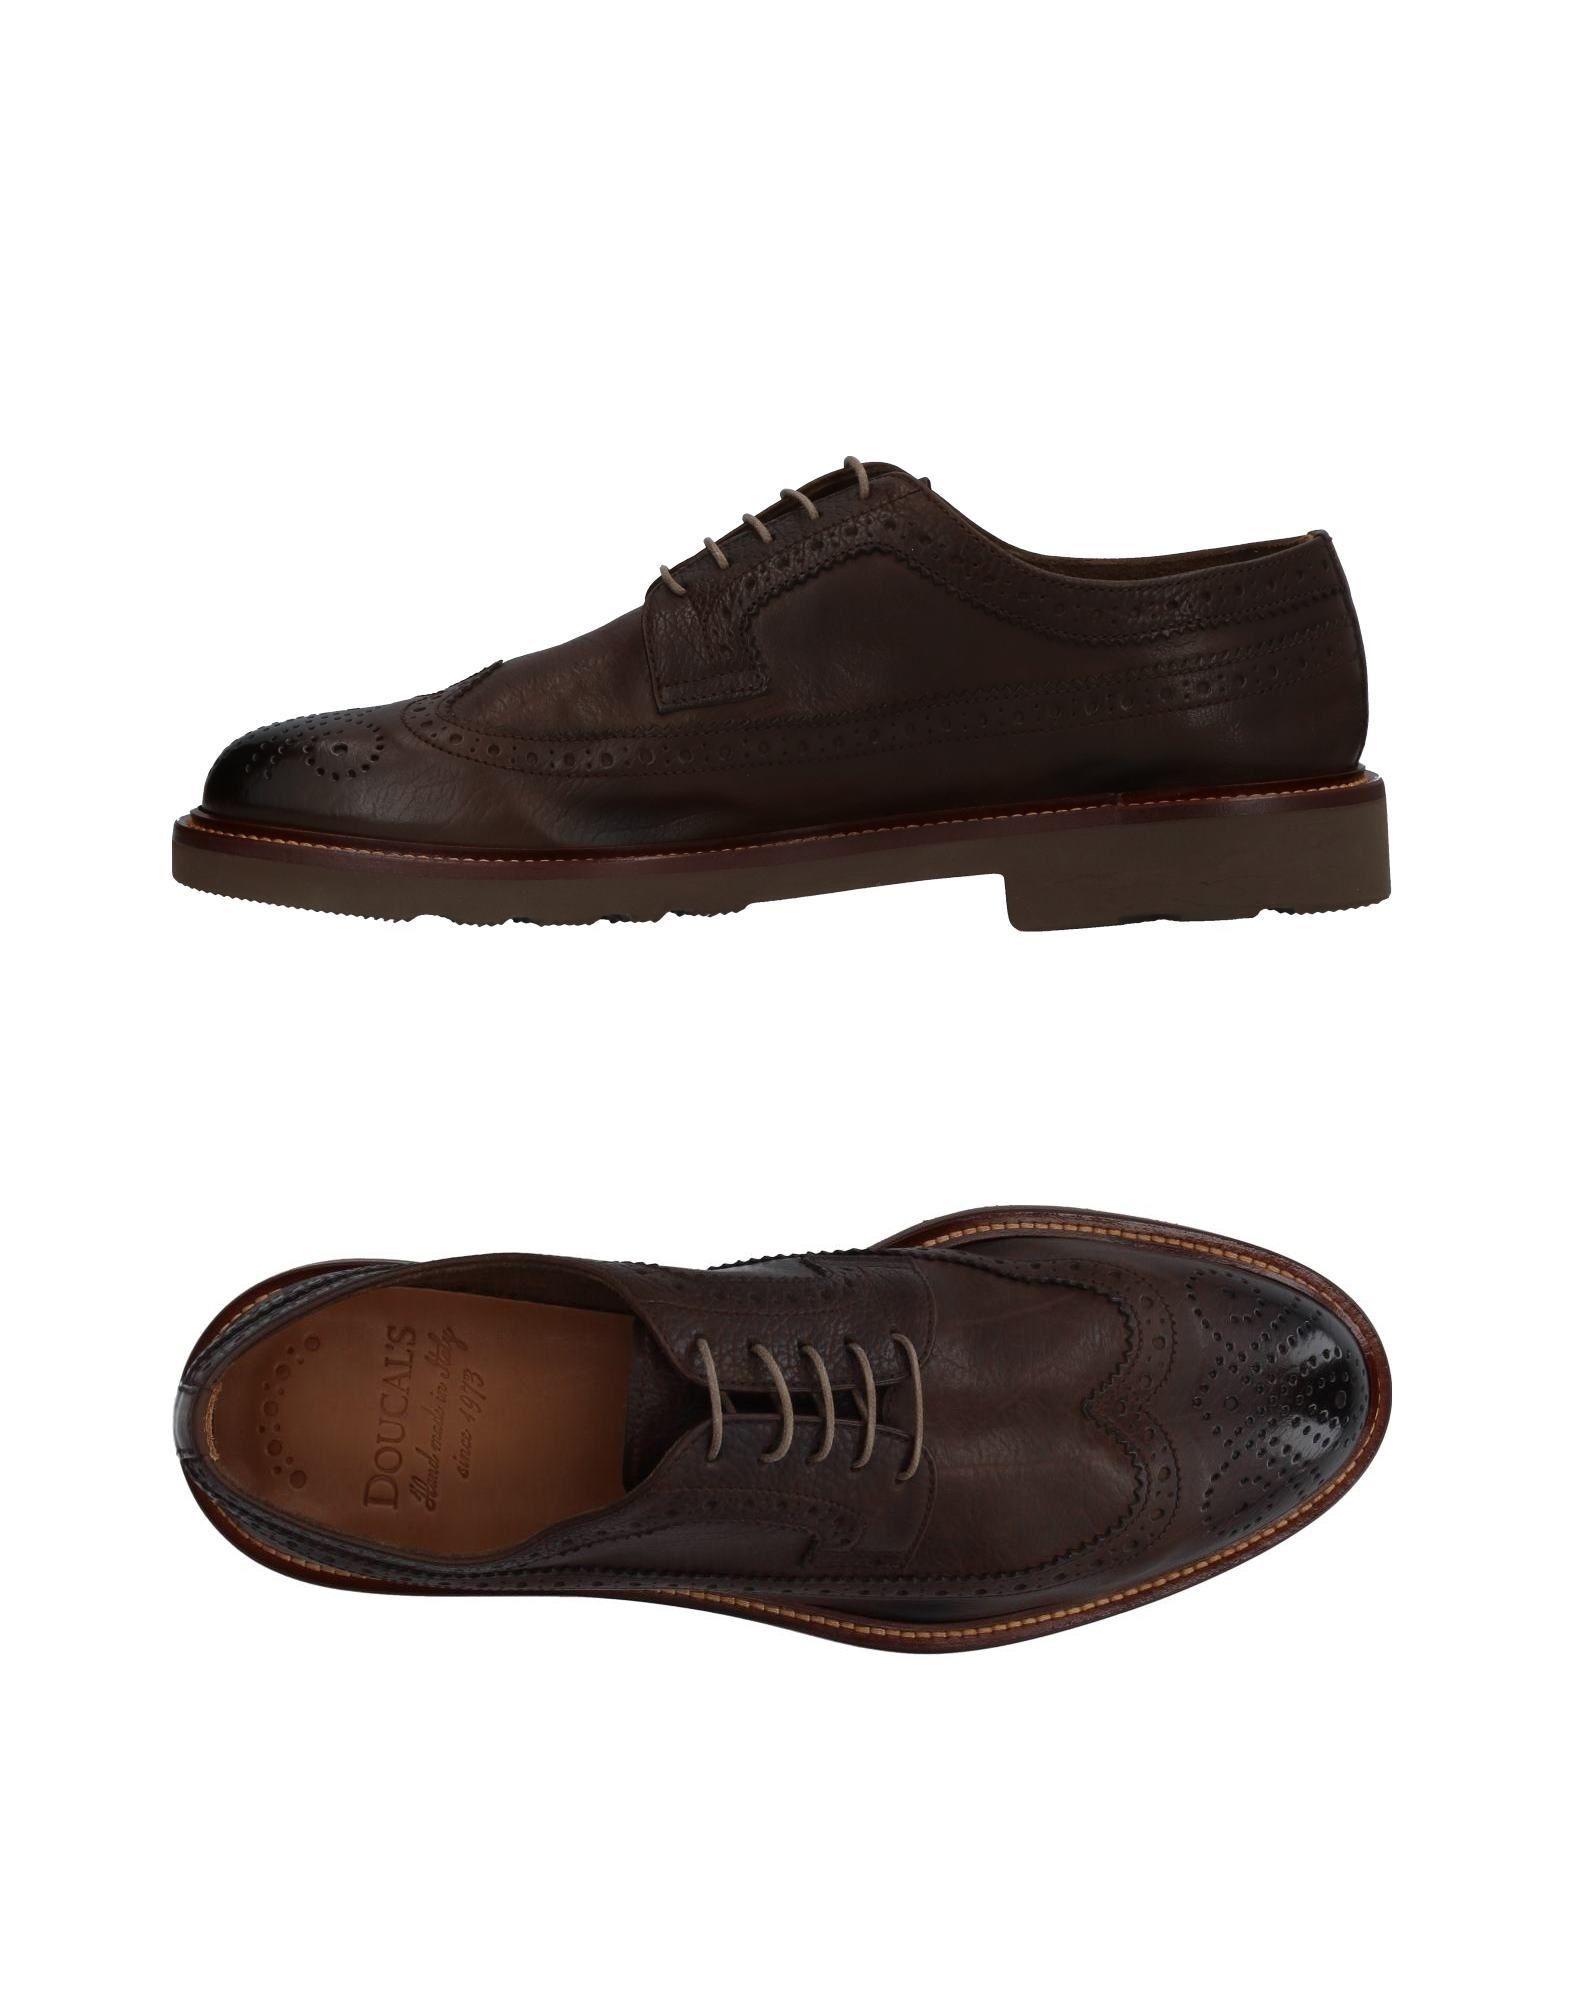 Doucal's Schnürschuhe Herren  11407279SB Gute Qualität beliebte Schuhe